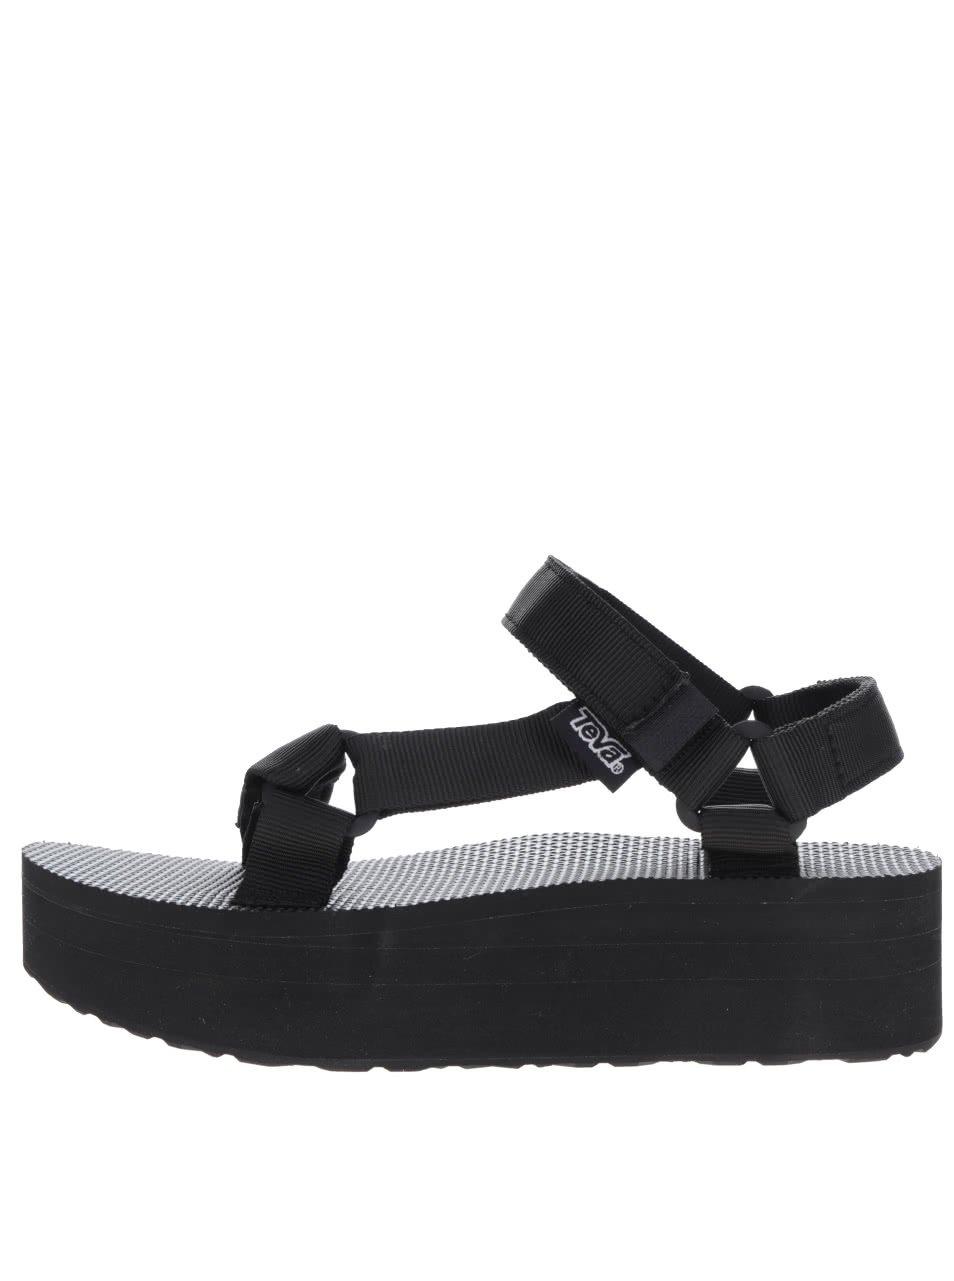 Černé dámské sandály na platformě Teva